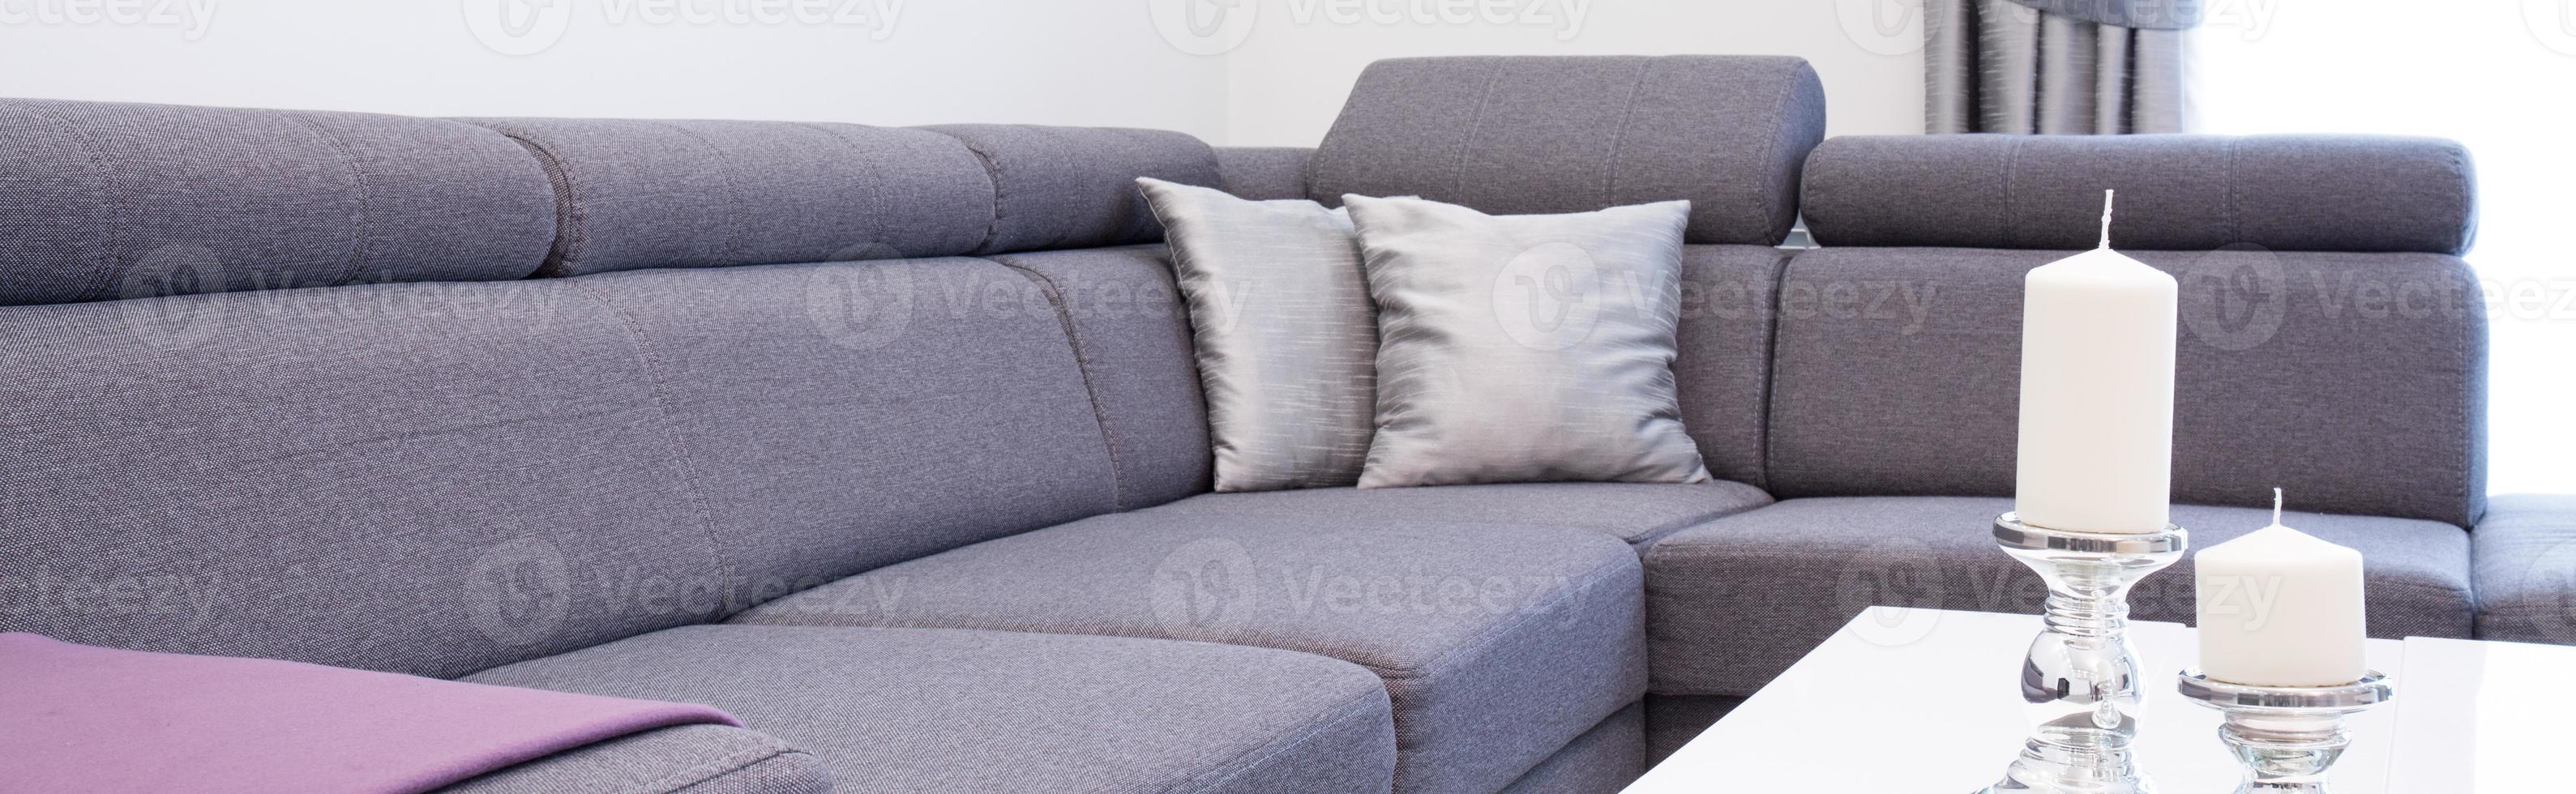 Nahaufnahme des eckigen Sofas foto